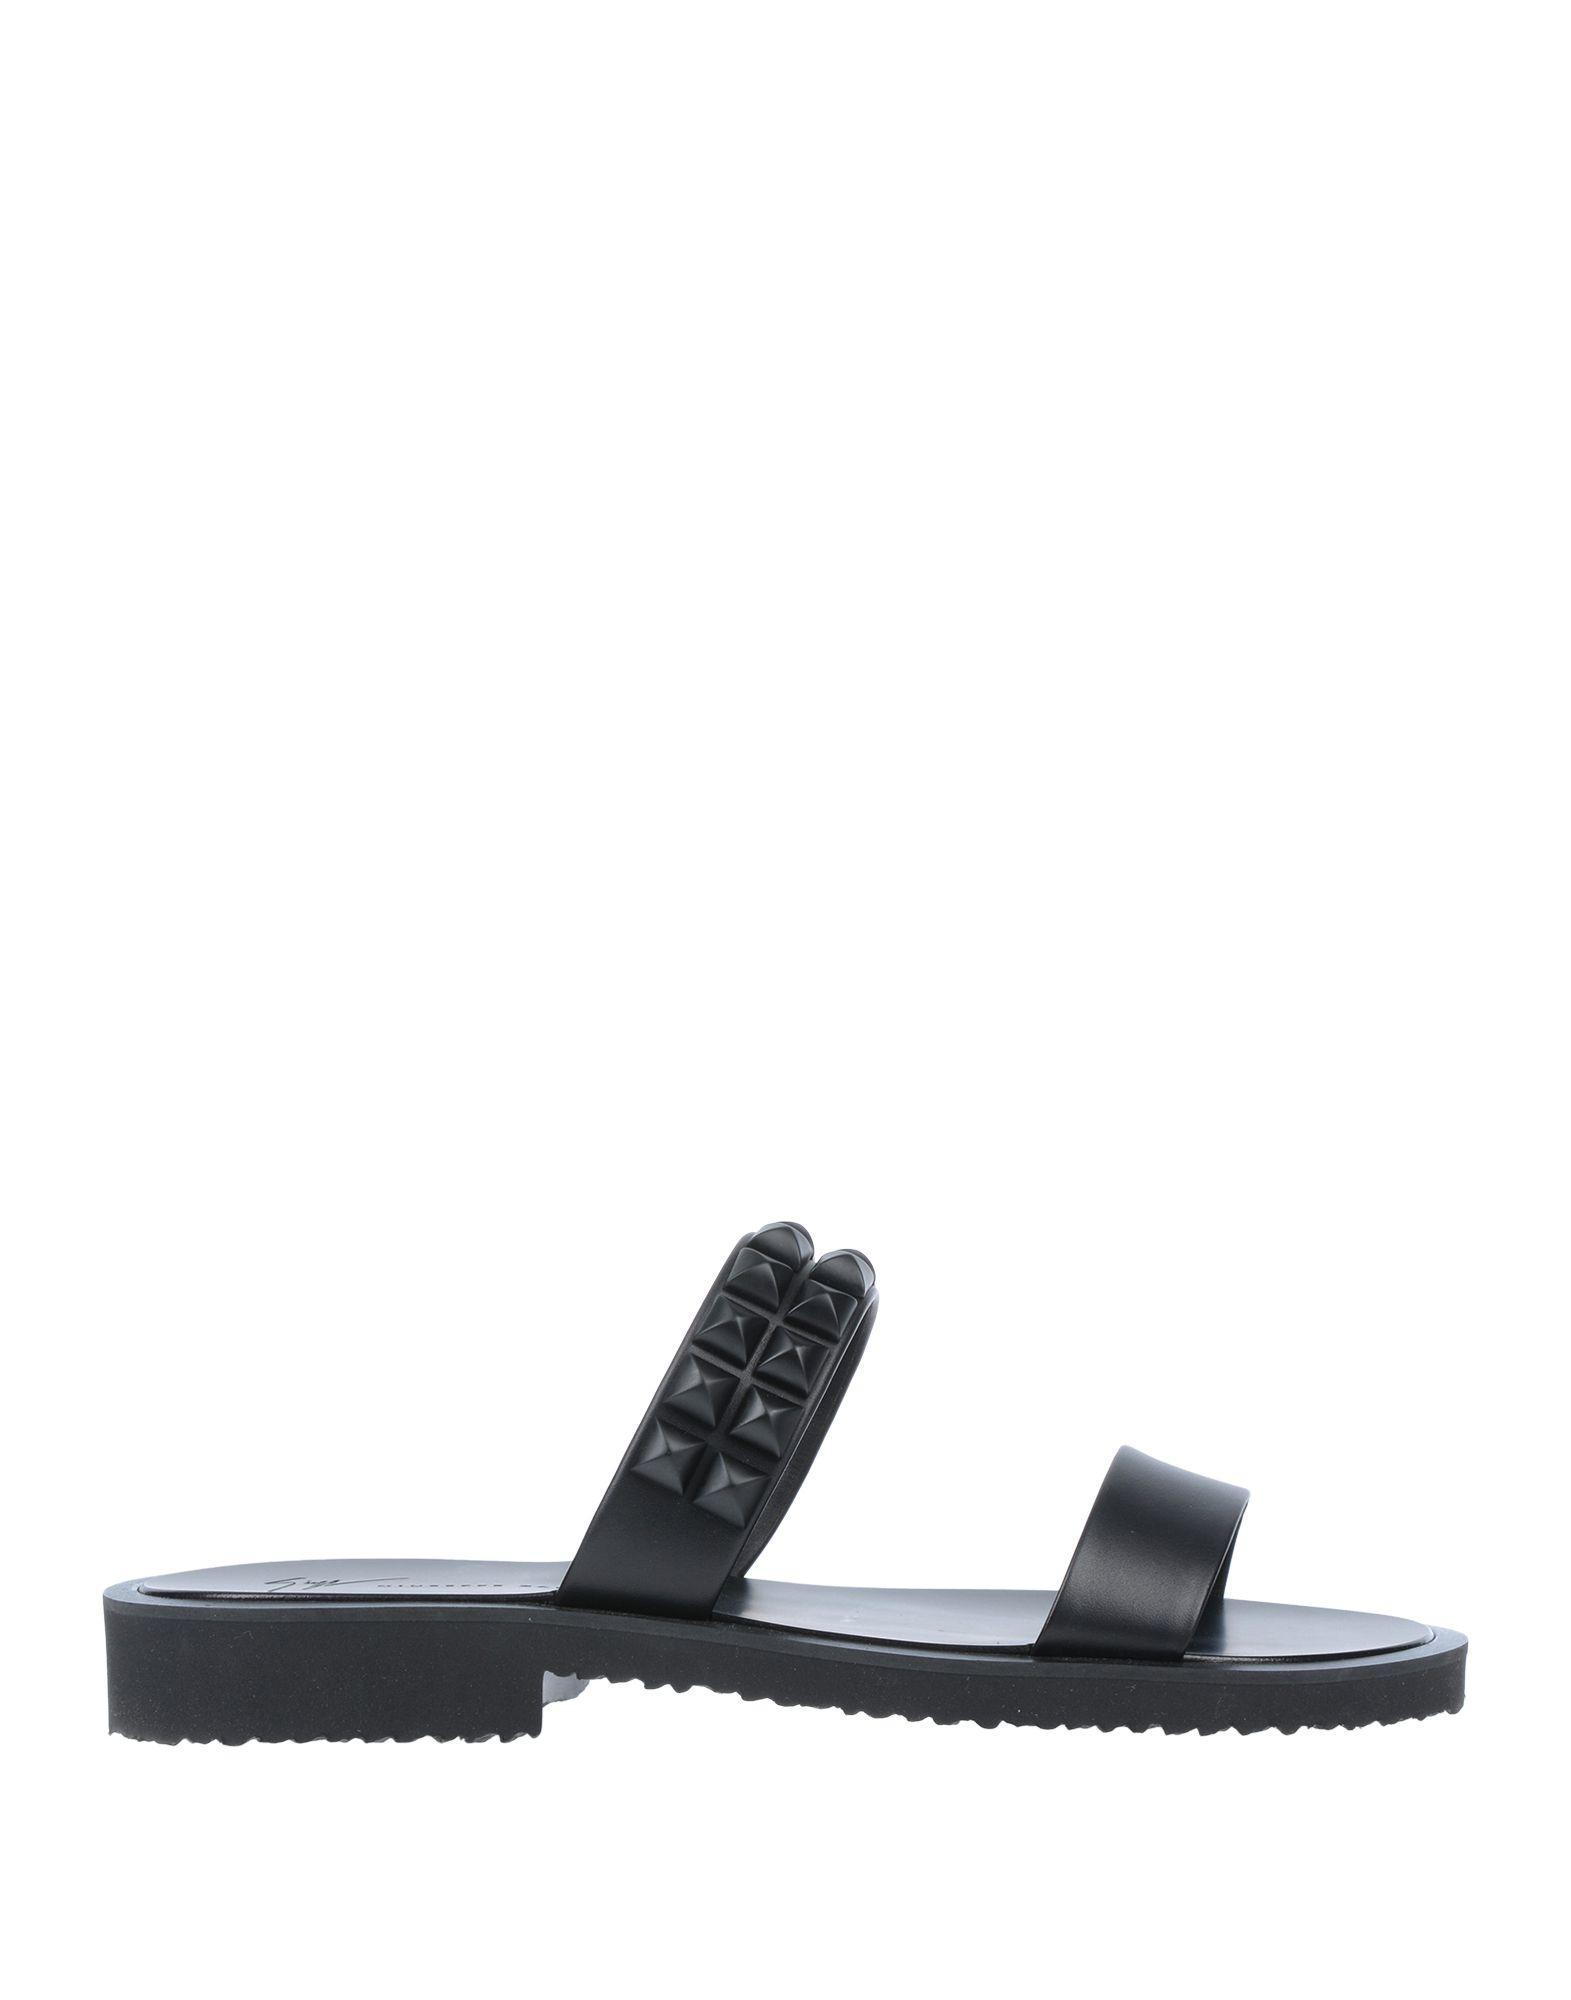 b7efc6b85 Lyst - Giuseppe Zanotti Sandals in Black for Men